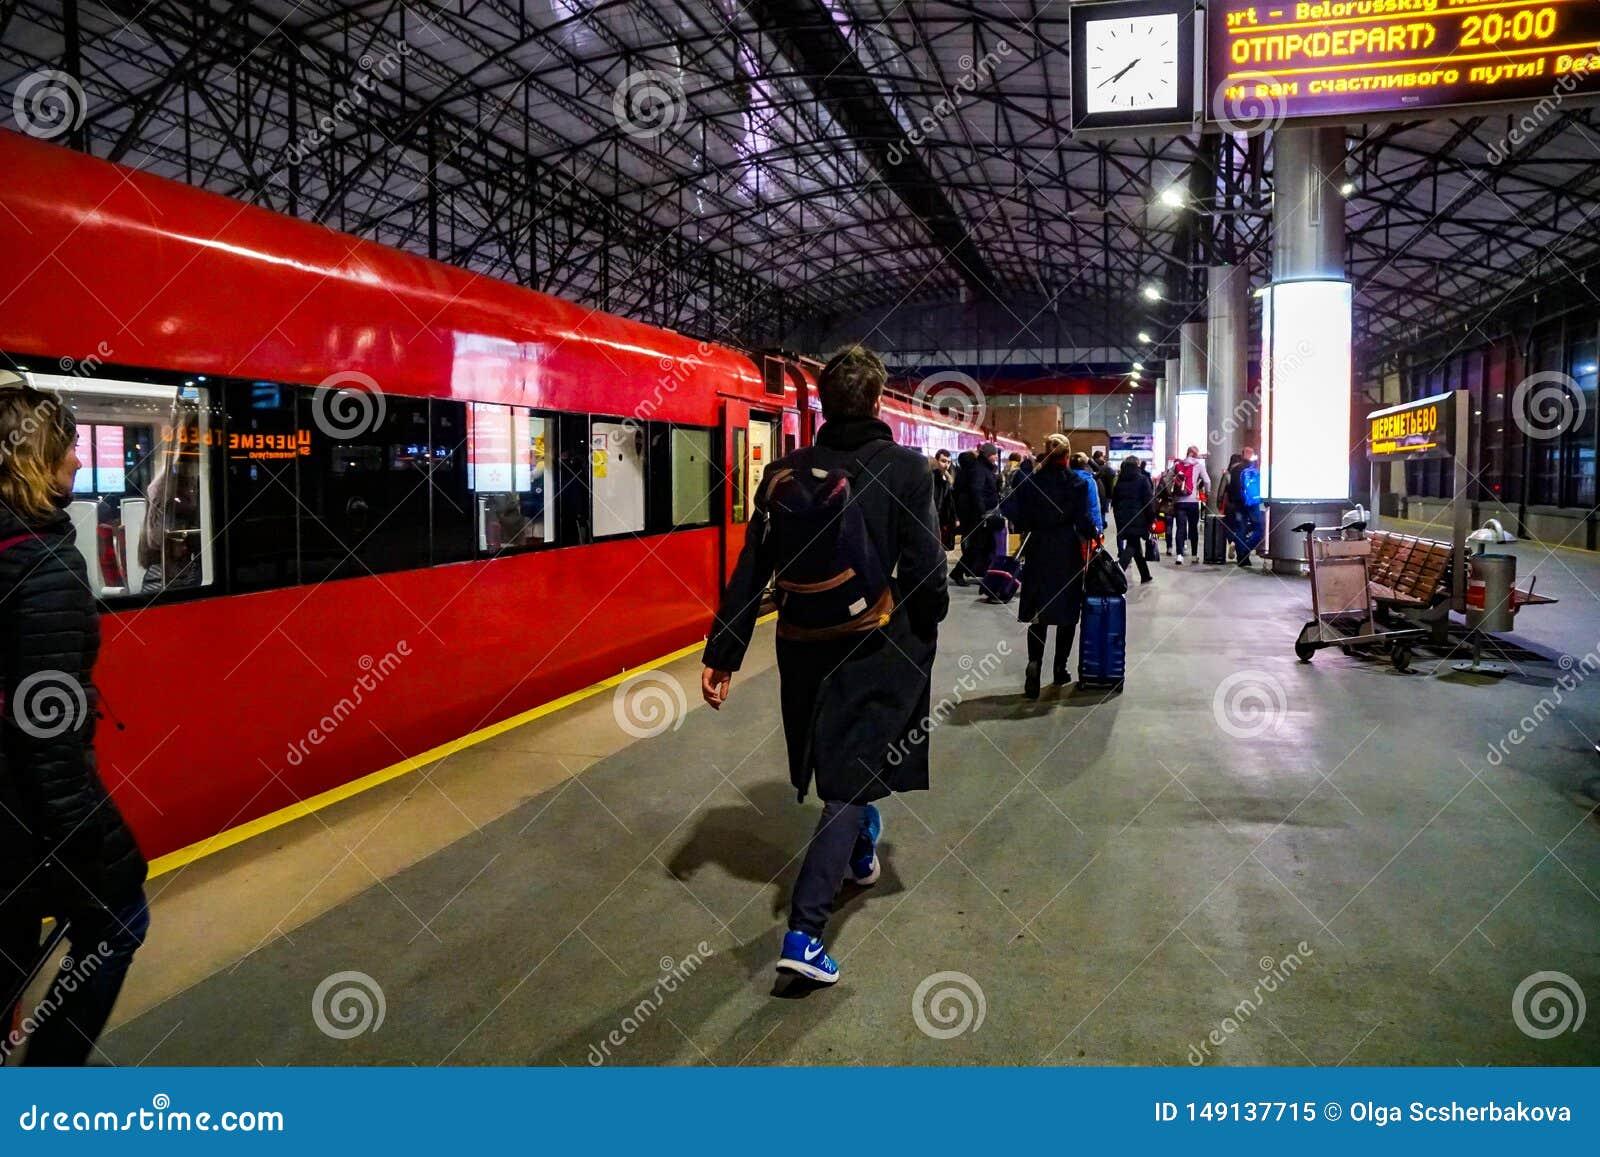 Aeroexpress llega el aeropuerto de Sheremetyevo, pasajeros deja el coche